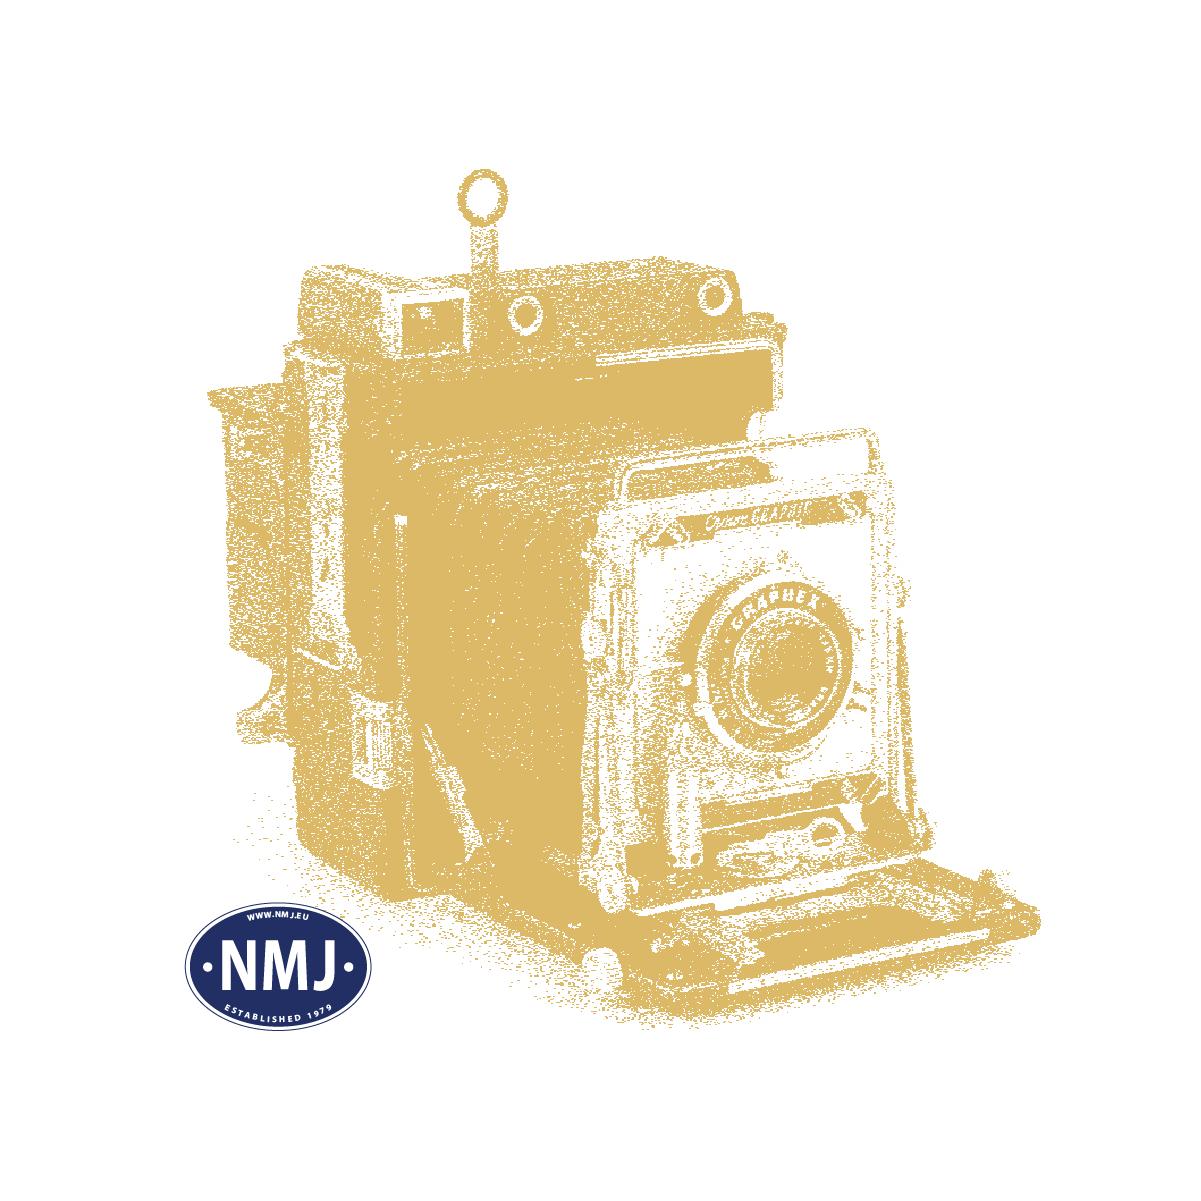 NMJT203.101 - NMJ Topline SJ AB3 4949, 1/2 kl. Personvogn, hvit SJ logo